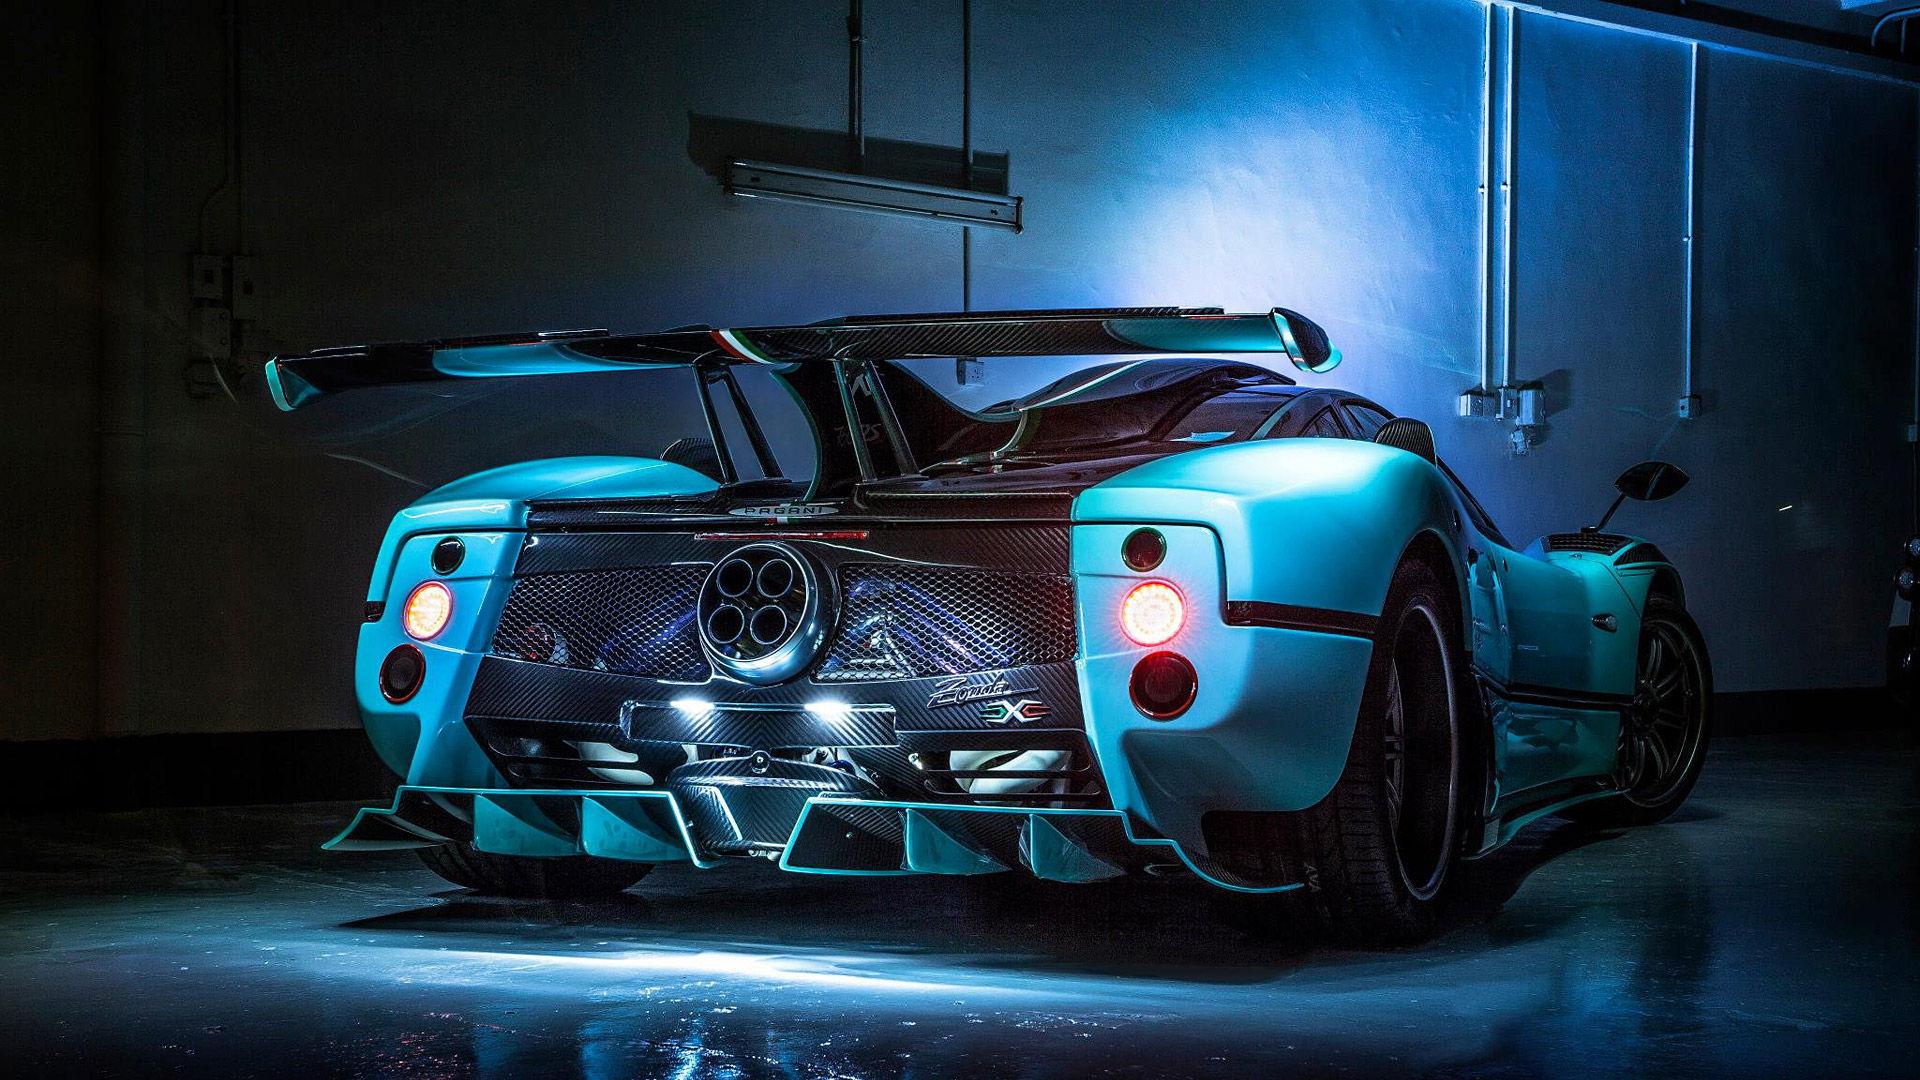 2014 Pagani Zonda 760 RSJX